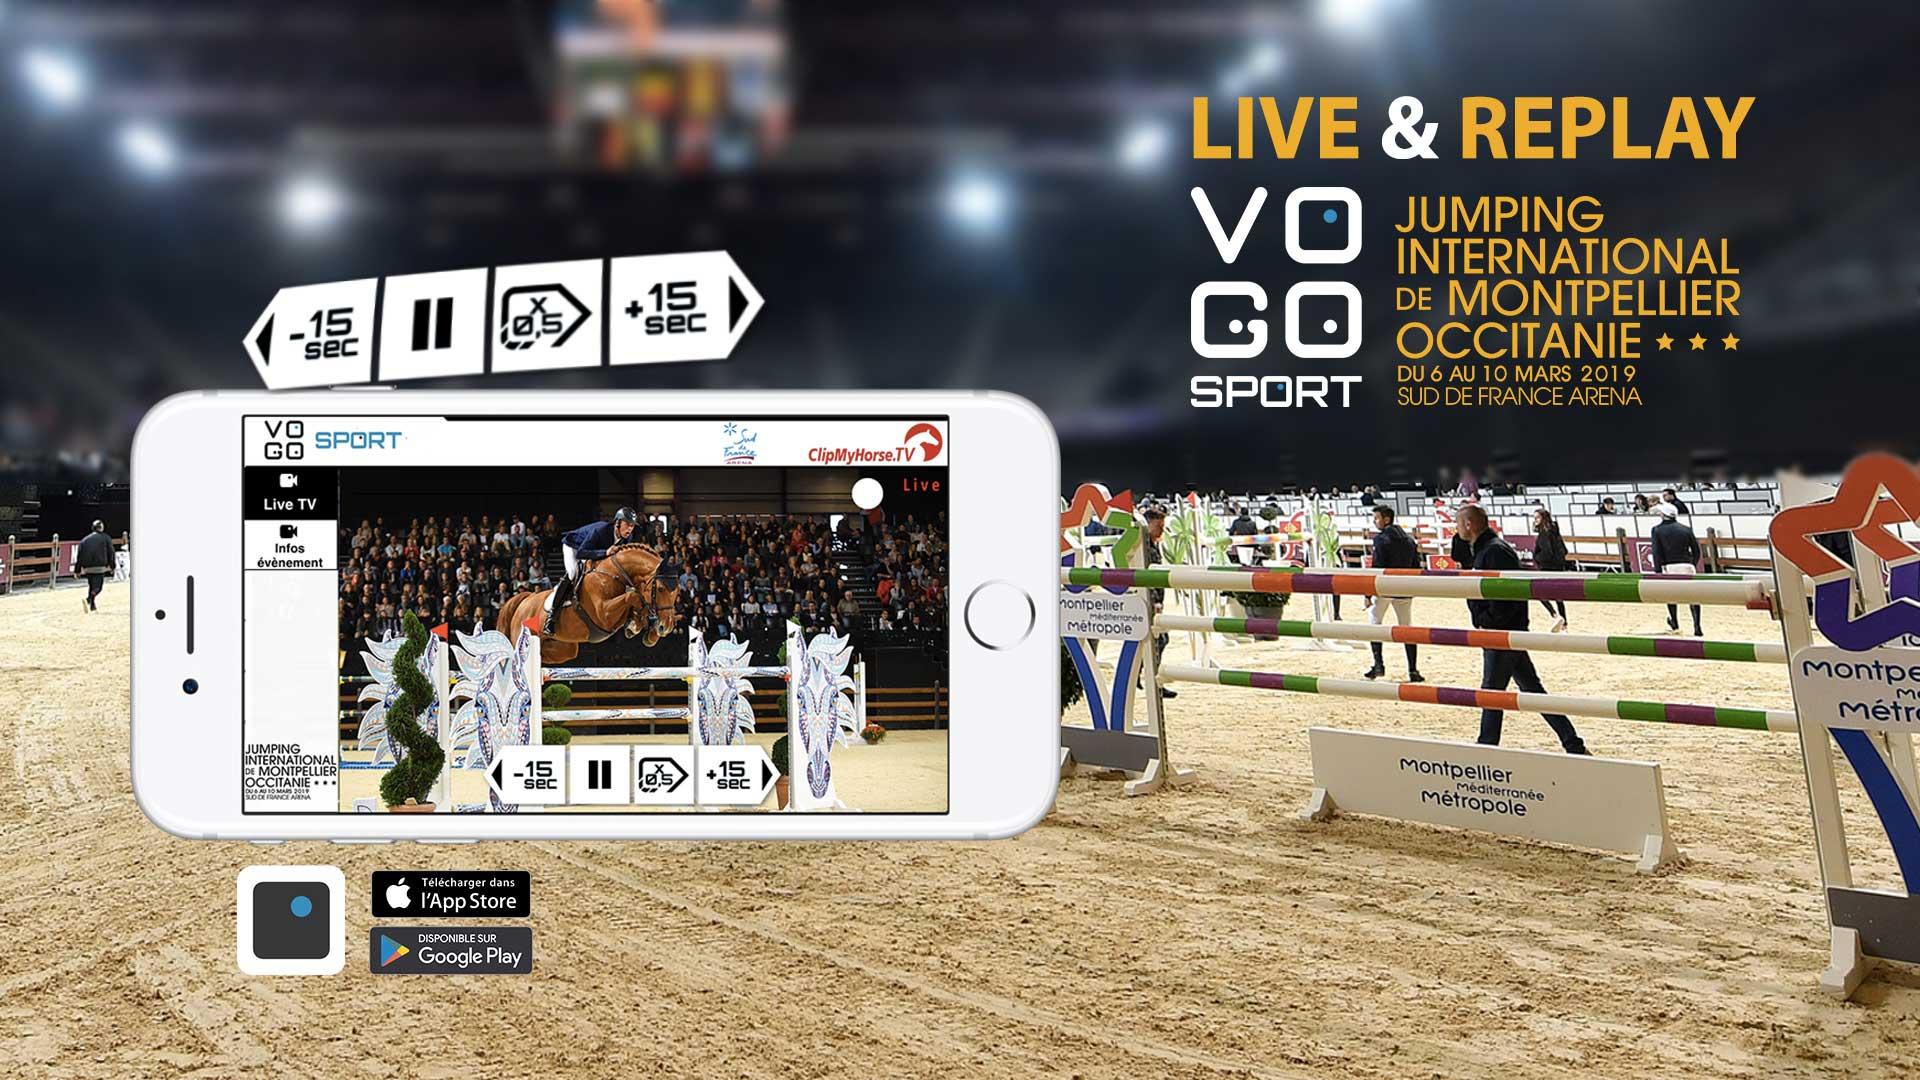 VOGO SPORT au Jumping International de Montpellier Occitanie